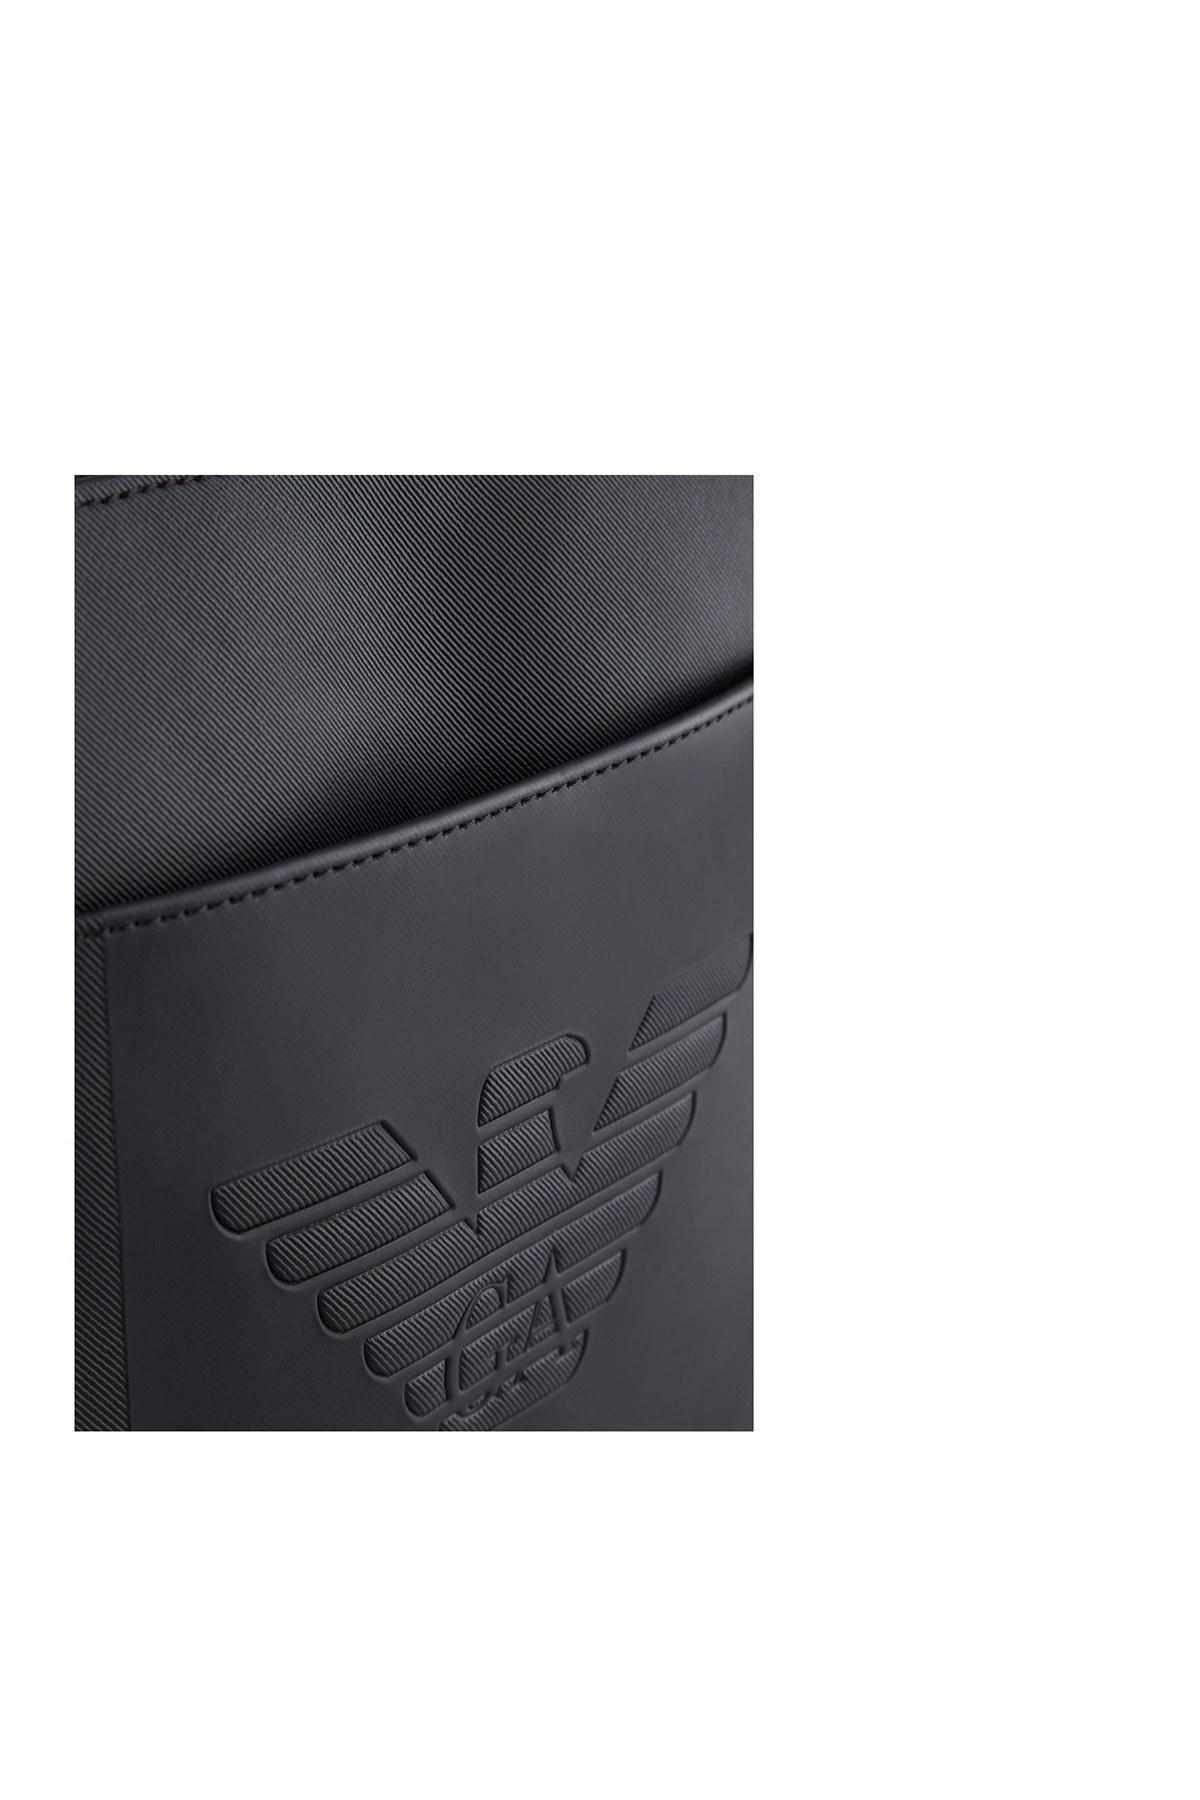 Emporio Armani Logo Baskılı Ayarlanabilir Askılı Erkek Çanta Y4M177 YFE6J 81072 SİYAH